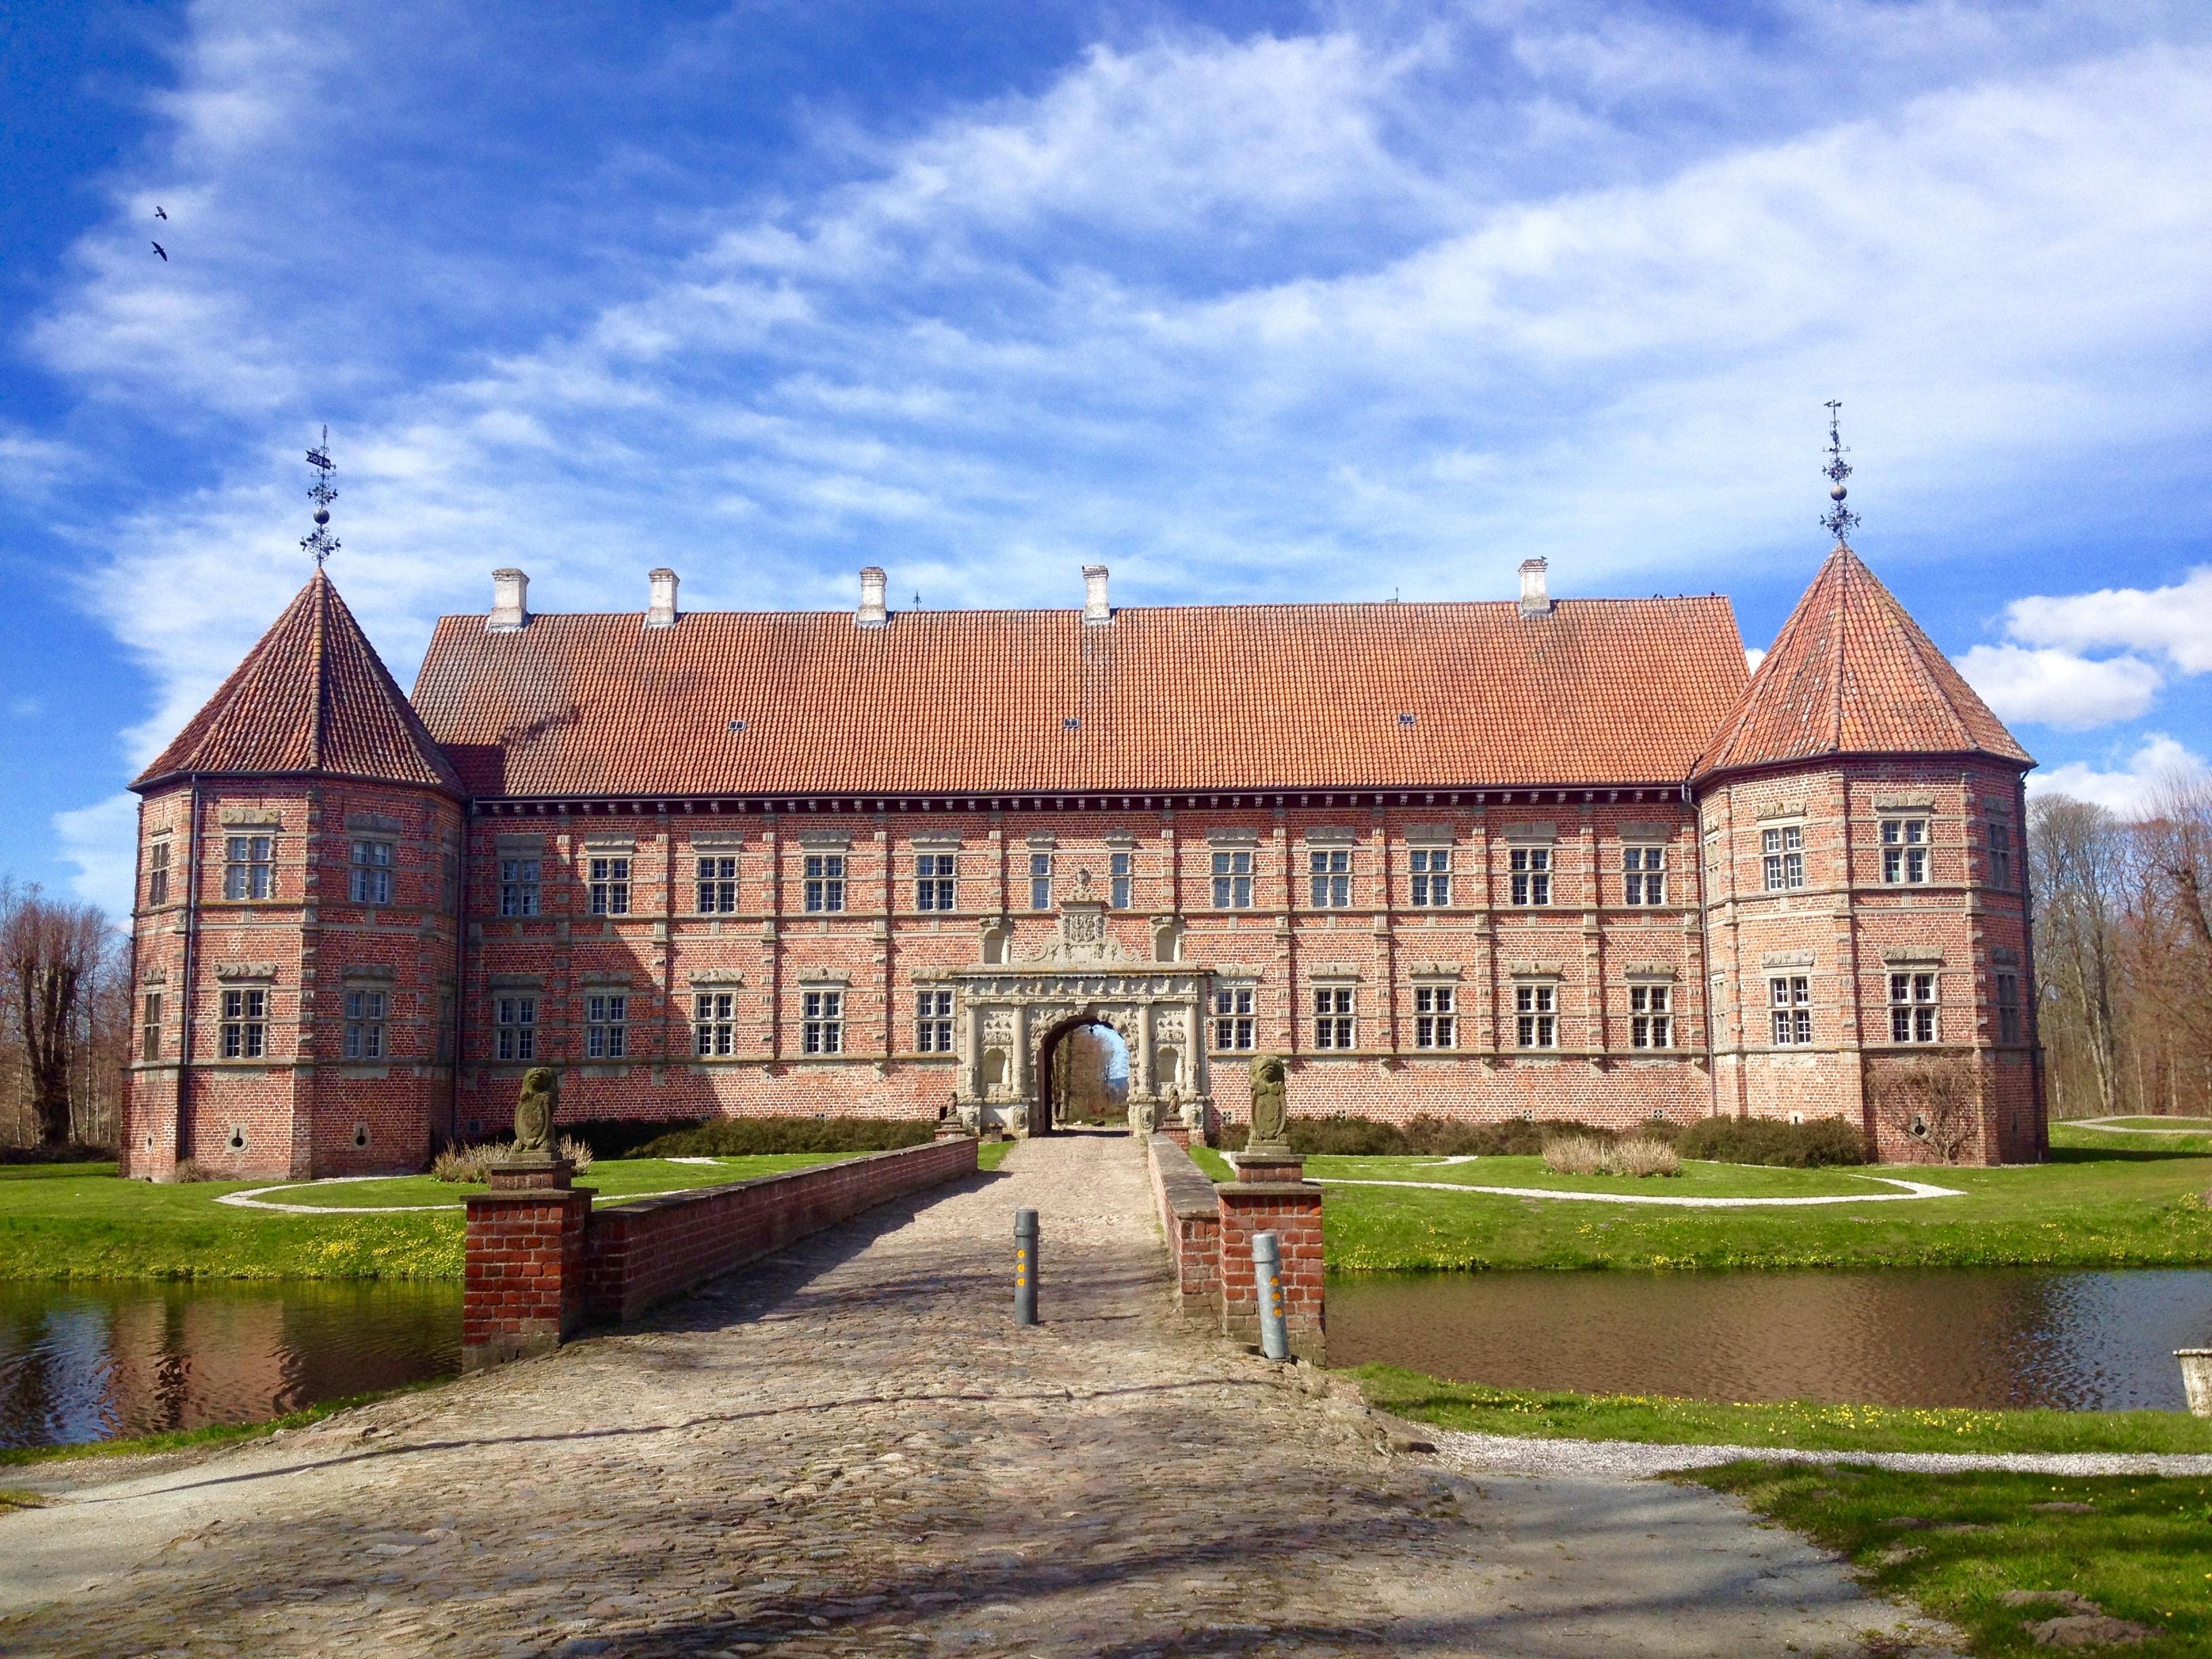 Reænssanceslottet Voergaard slot i Sæby